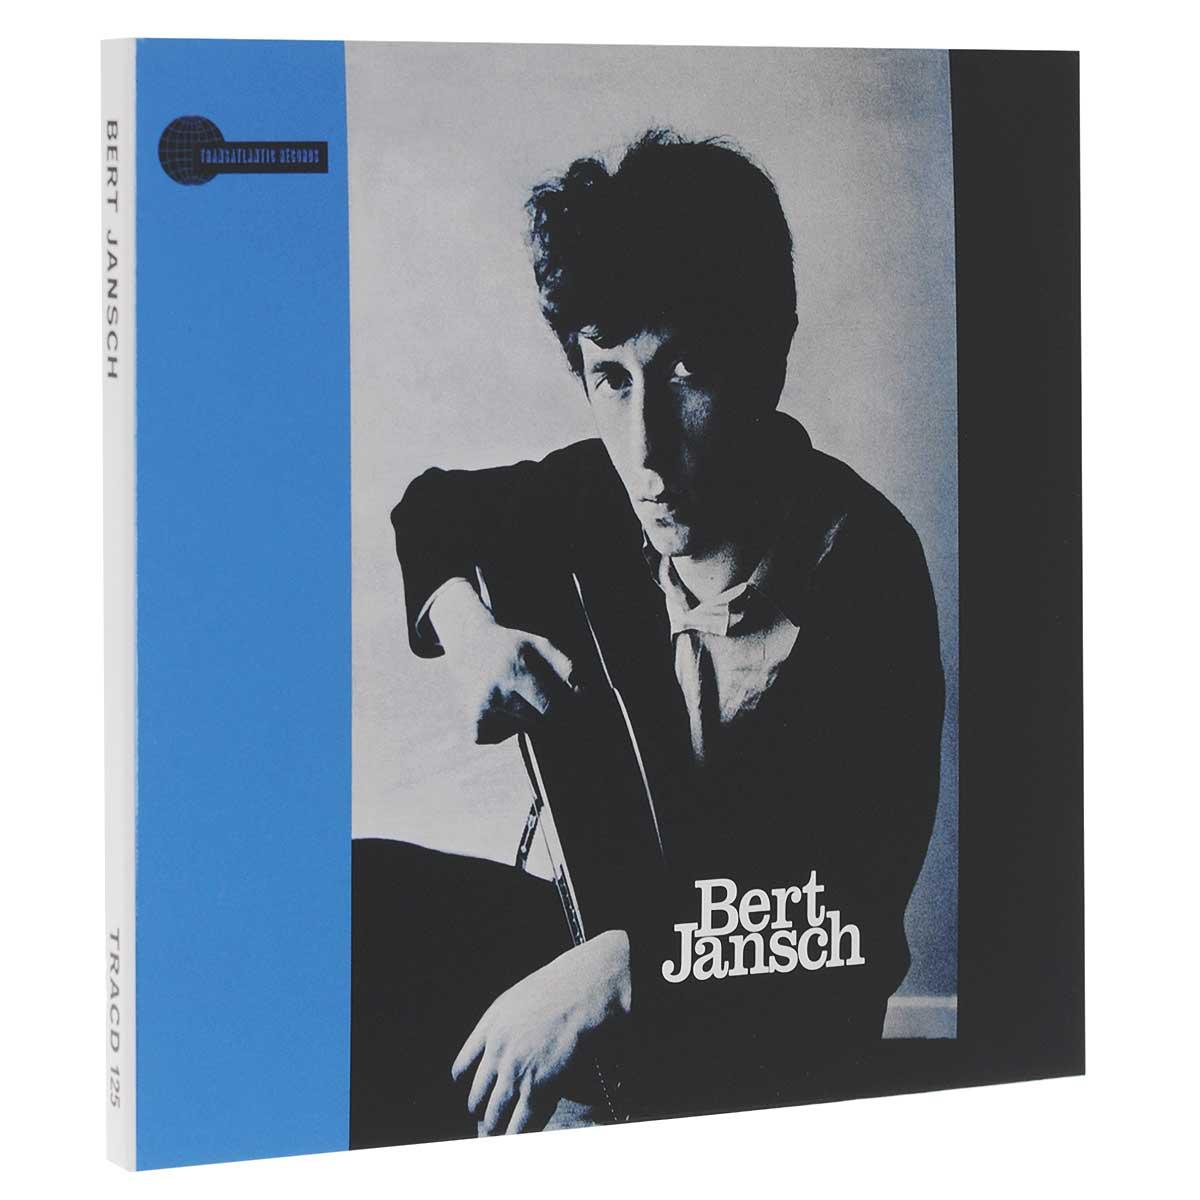 Издание содержит 12-страничный буклет с фотографиями и дополнительной информацией на английском языке.